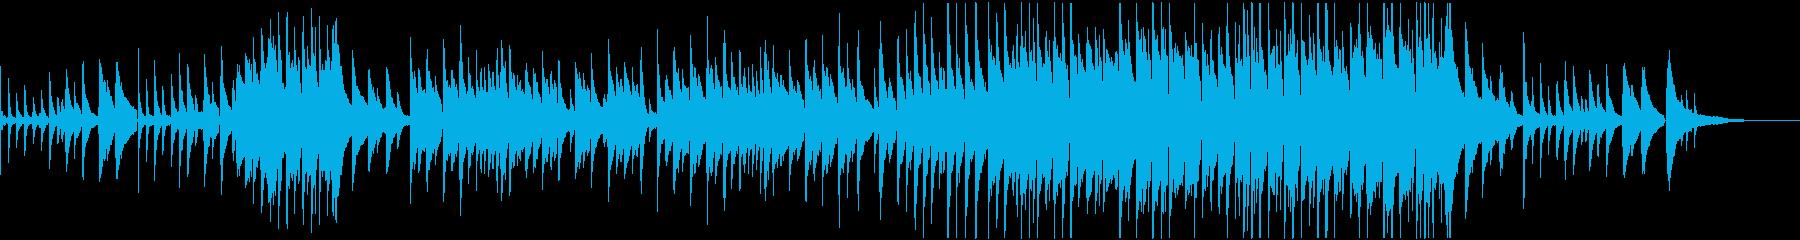 冬をイメージした曲の再生済みの波形